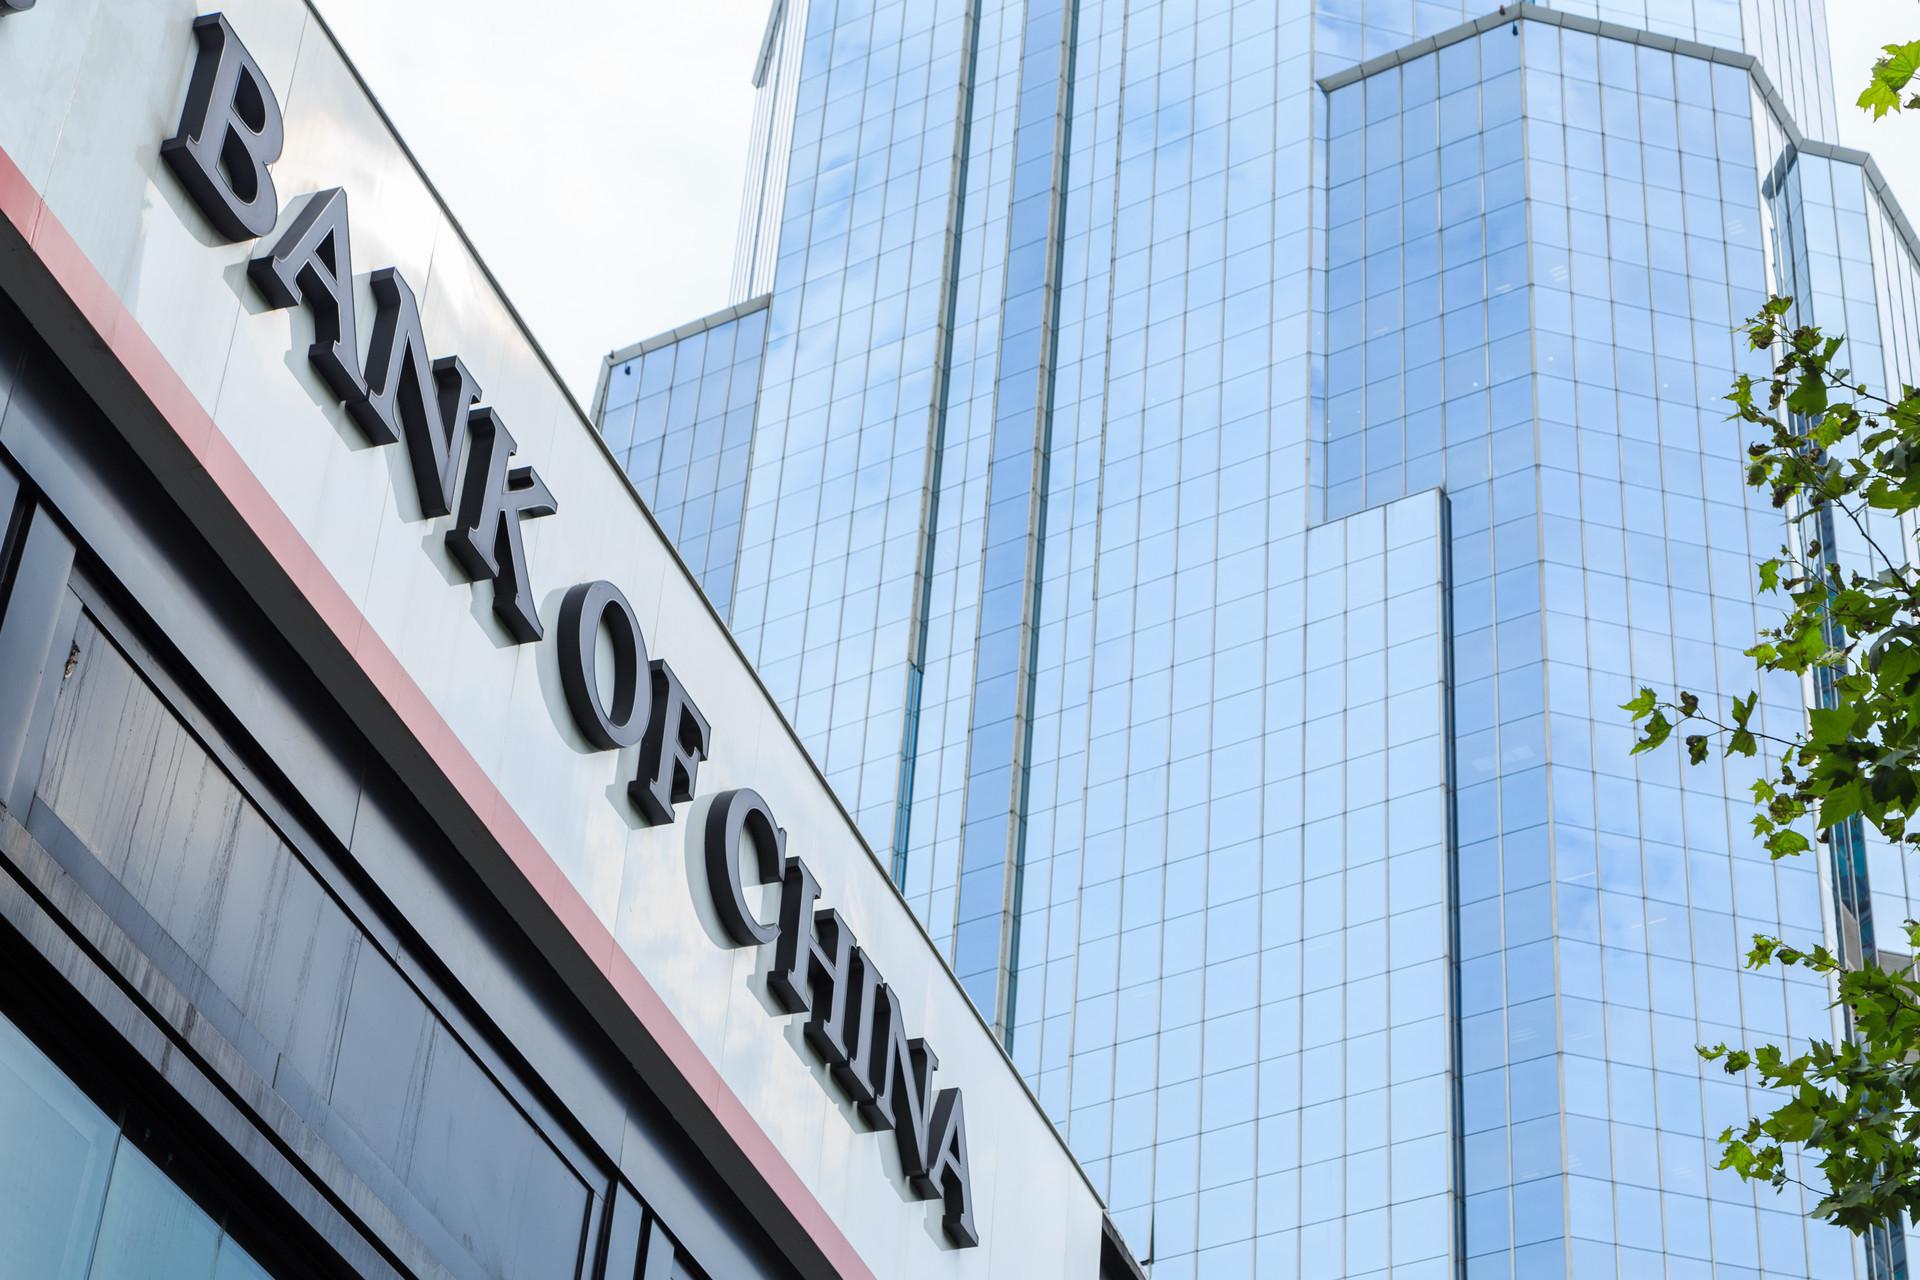 5年期储蓄存款利率最高能达5.45%,这个利